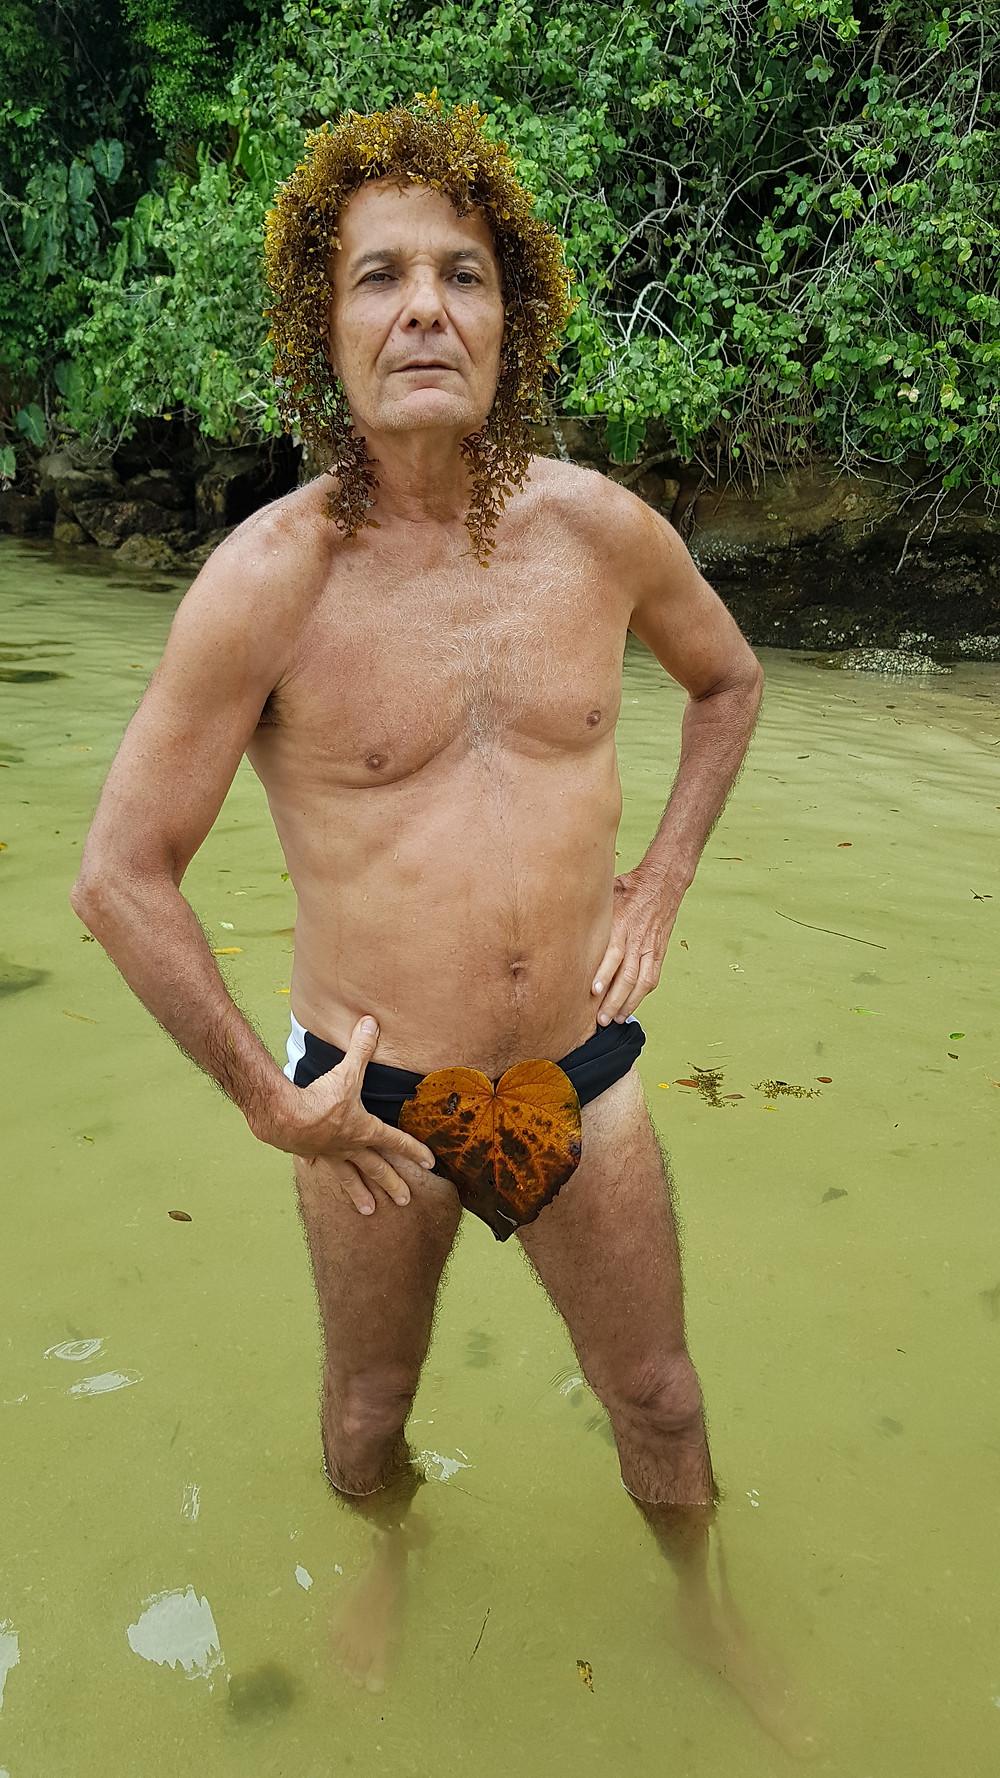 """O """"Velho Sacudo"""". Espécie em extinção, habitante local das ilhas de Paraty, proveniente das Ilhas Polinésias. Cuidado ao encontrar com um desses. Extremamente peçonhento"""